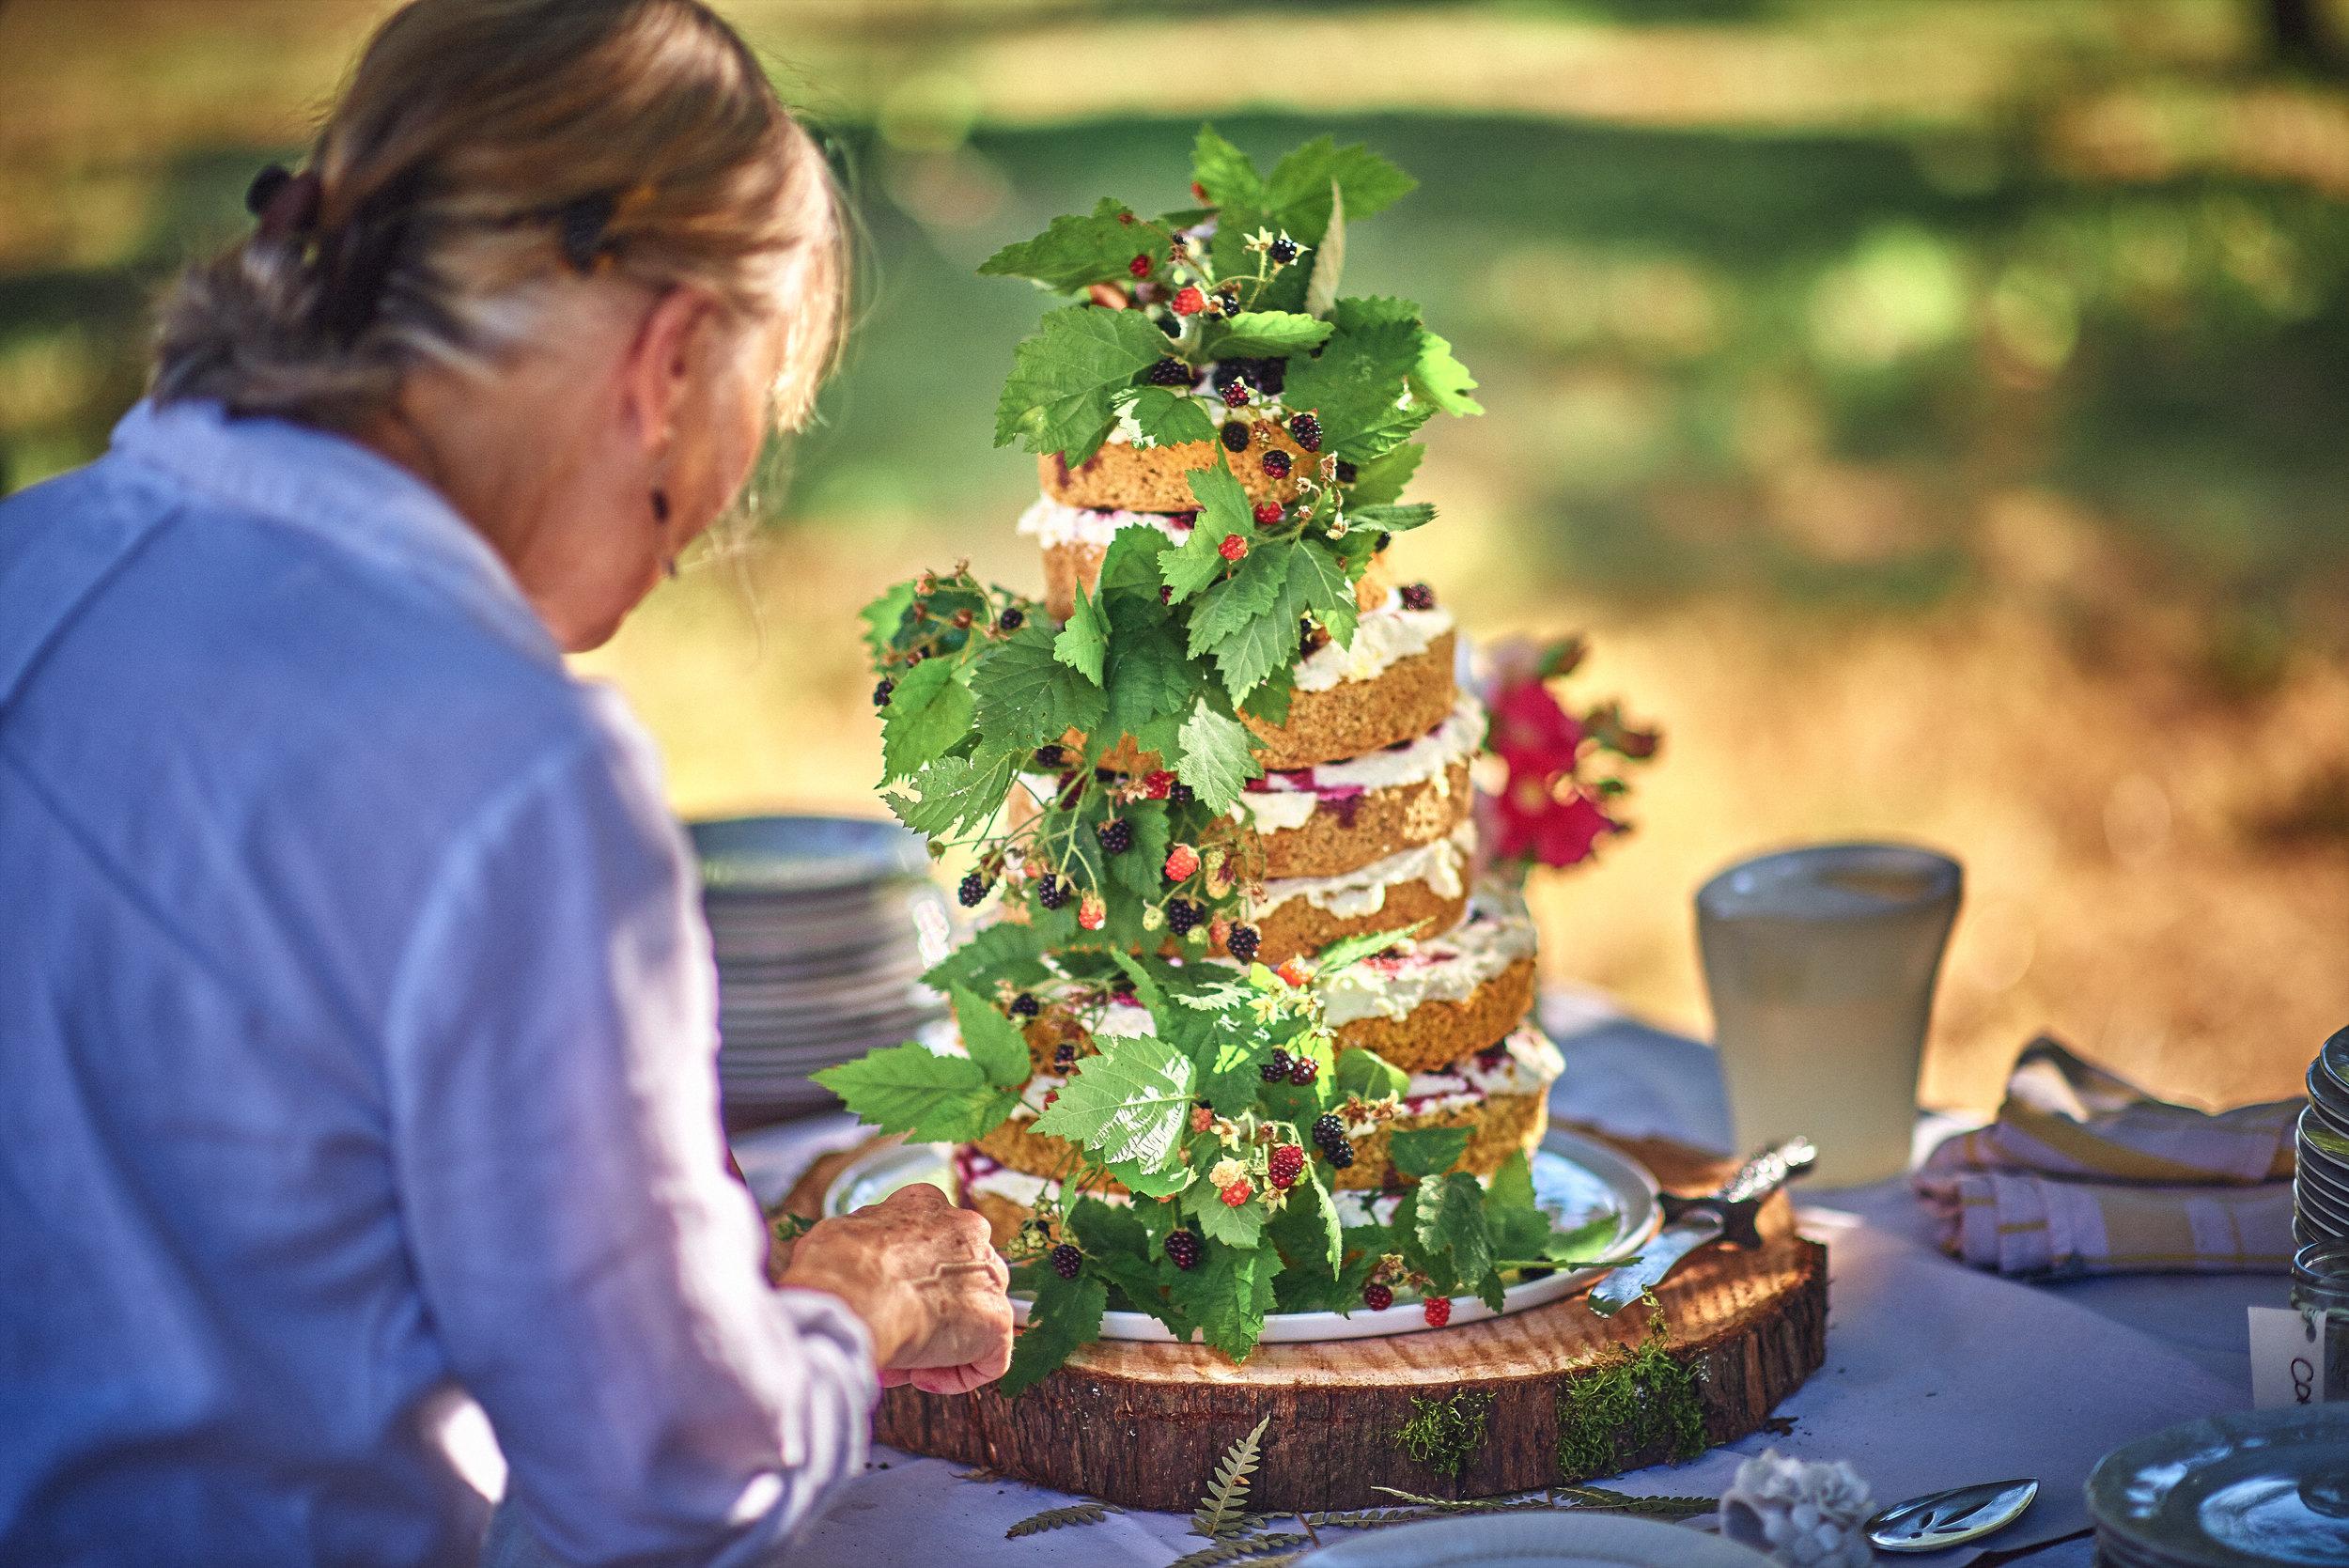 naked blackberry cake at plum nelli farm wedding.jpg